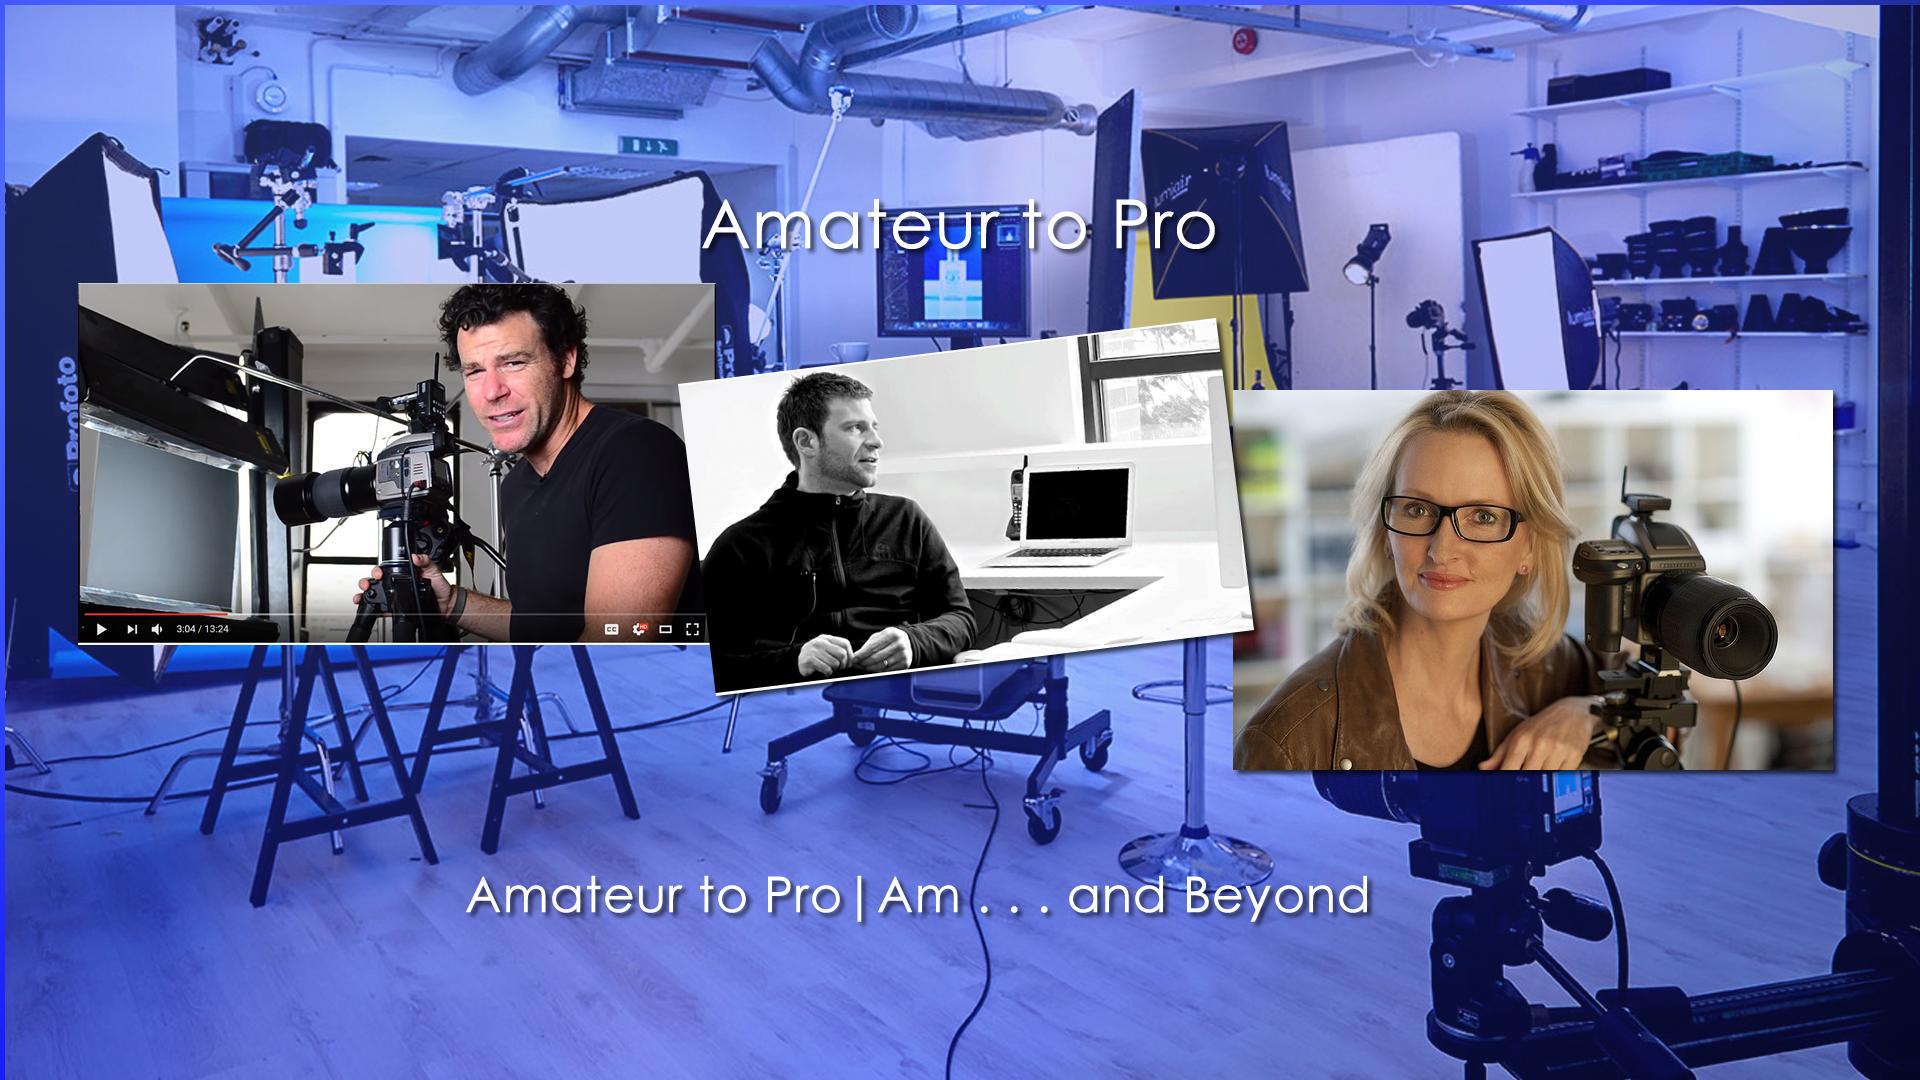 Amateur to Pro